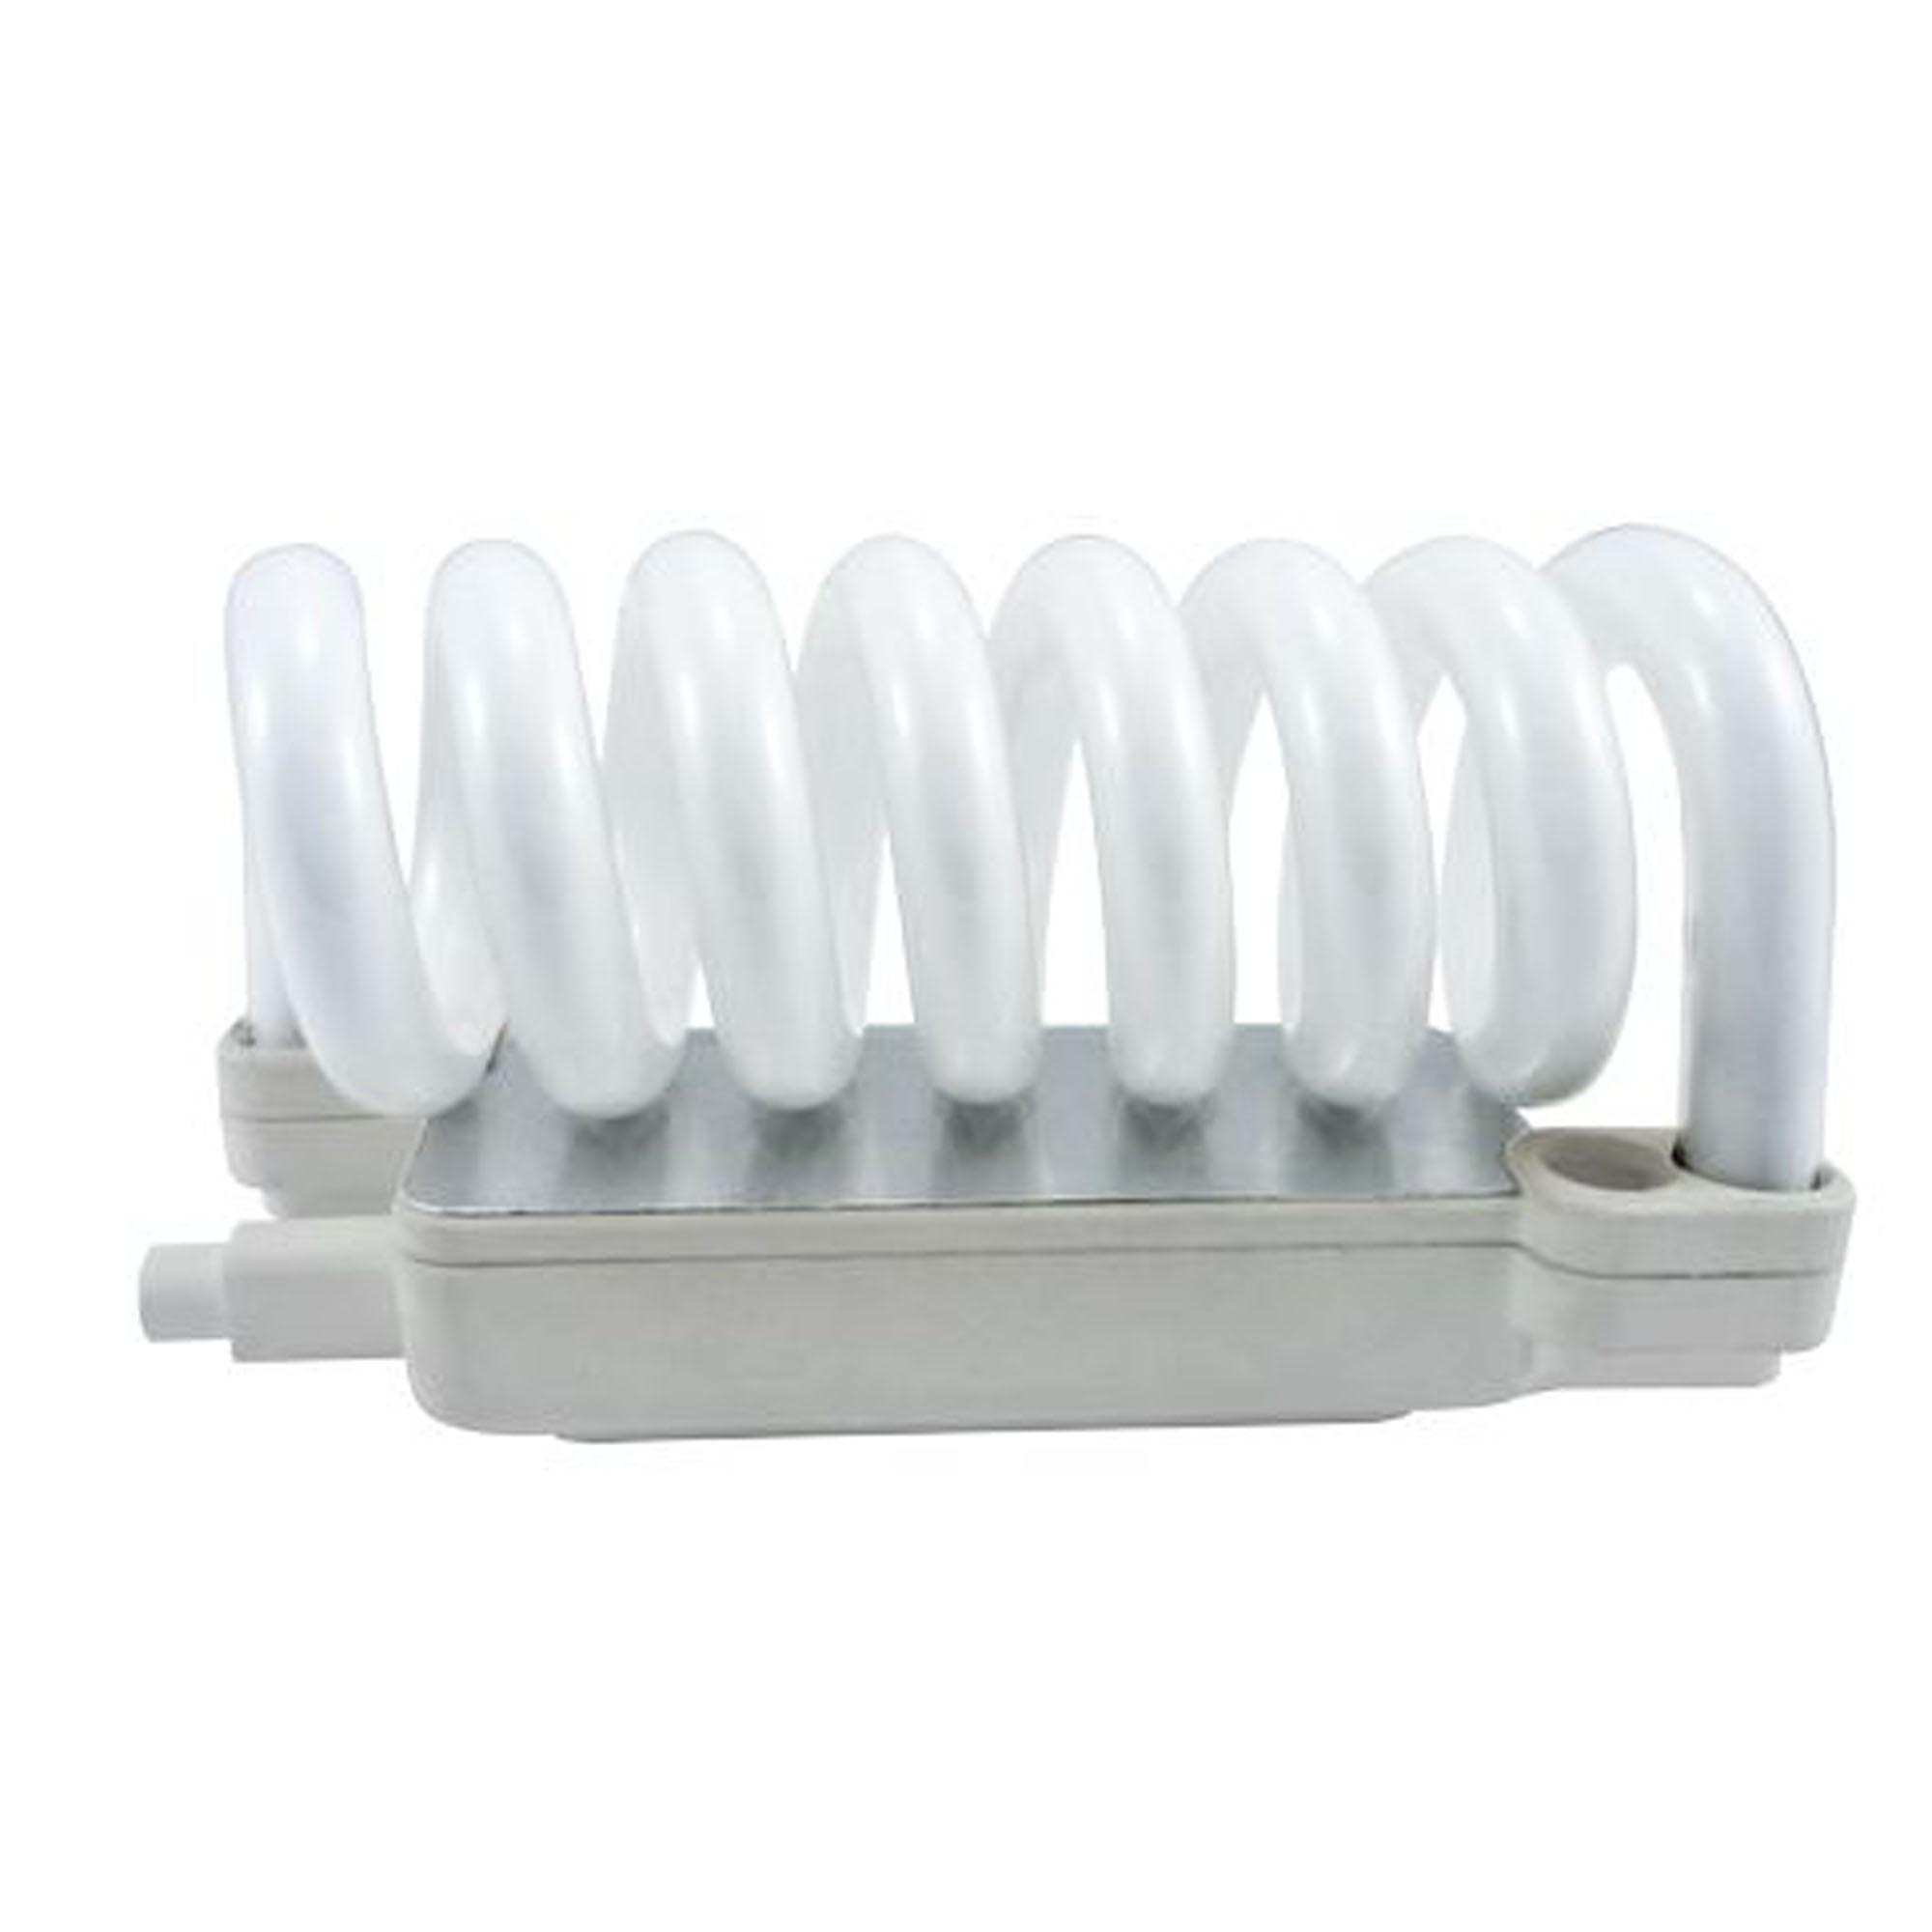 Лампа энергосберегающая Uniel Esl-422-24/4000/r7s spiral 50шт